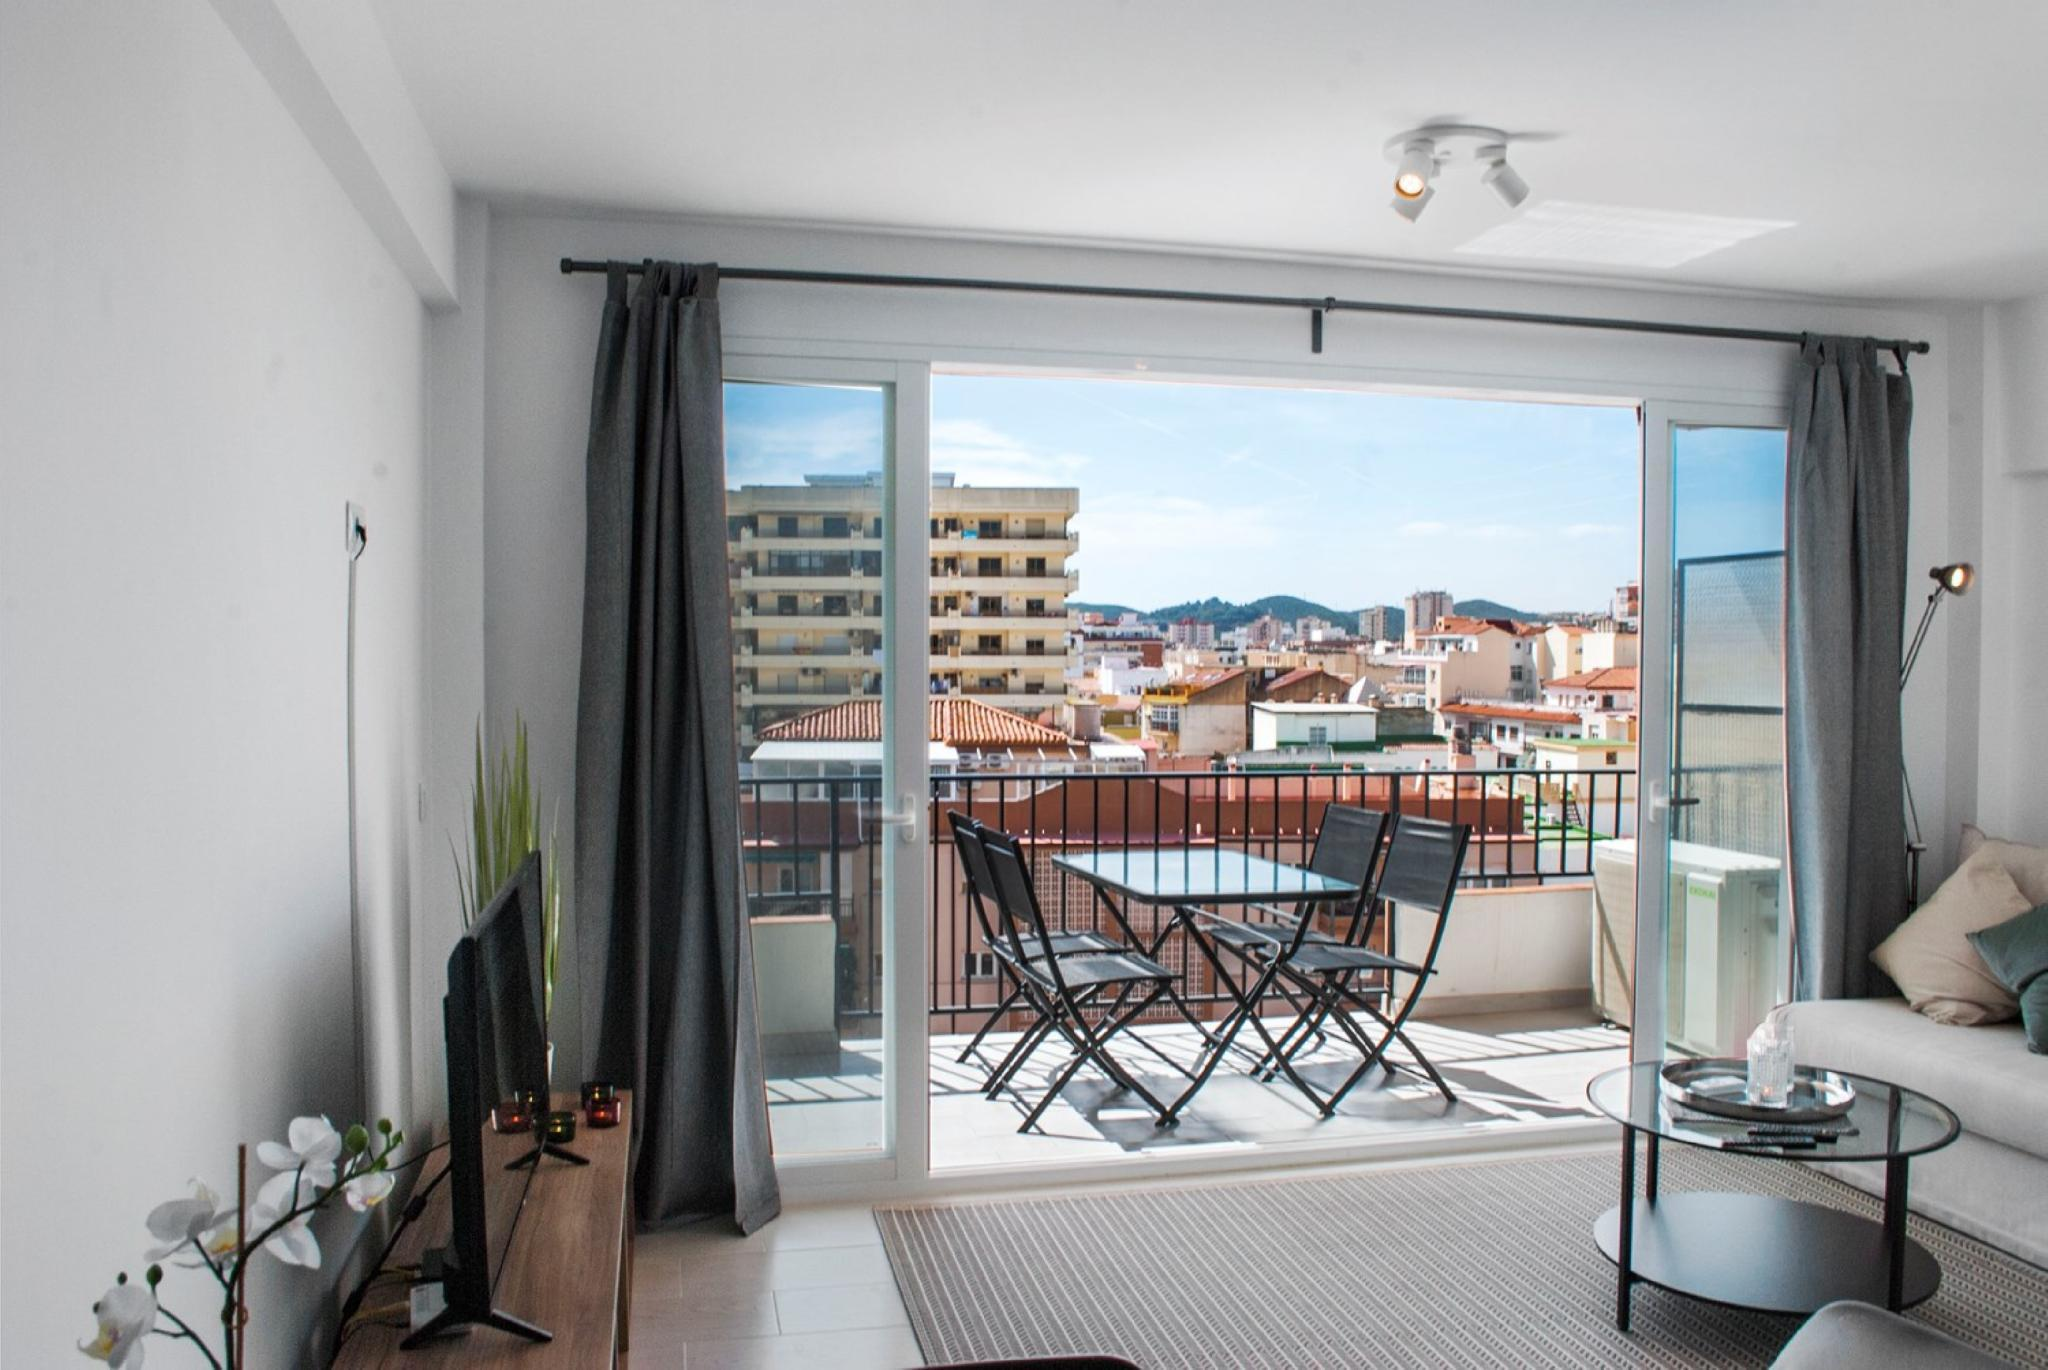 107321   Apartment In Fuengirola